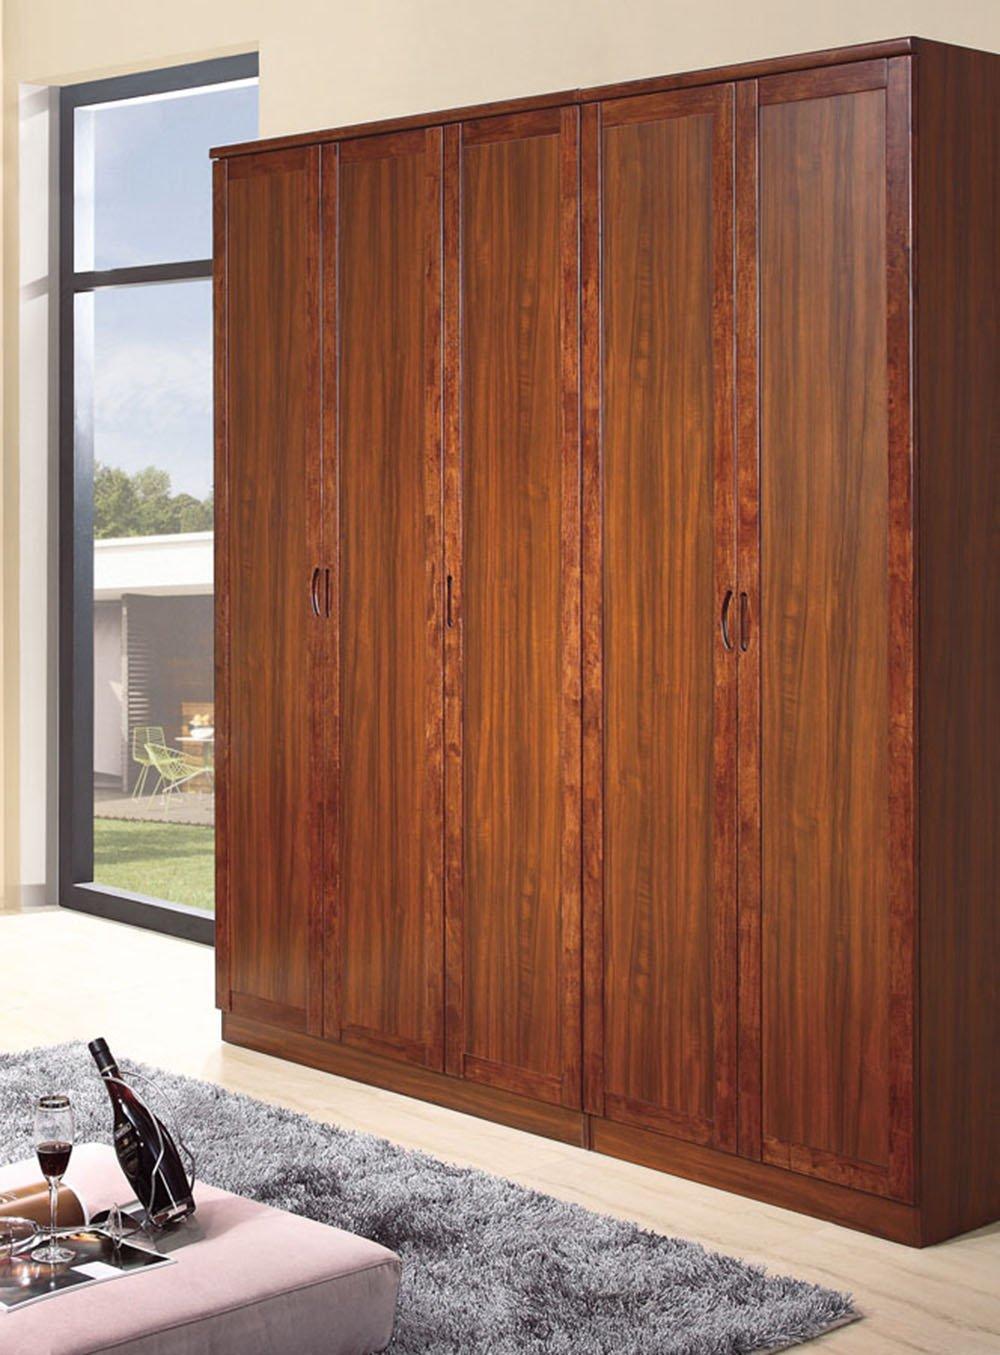 御品工匠 简约现代衣柜 实木简易衣柜 宜家大衣柜k0213 乌金木色